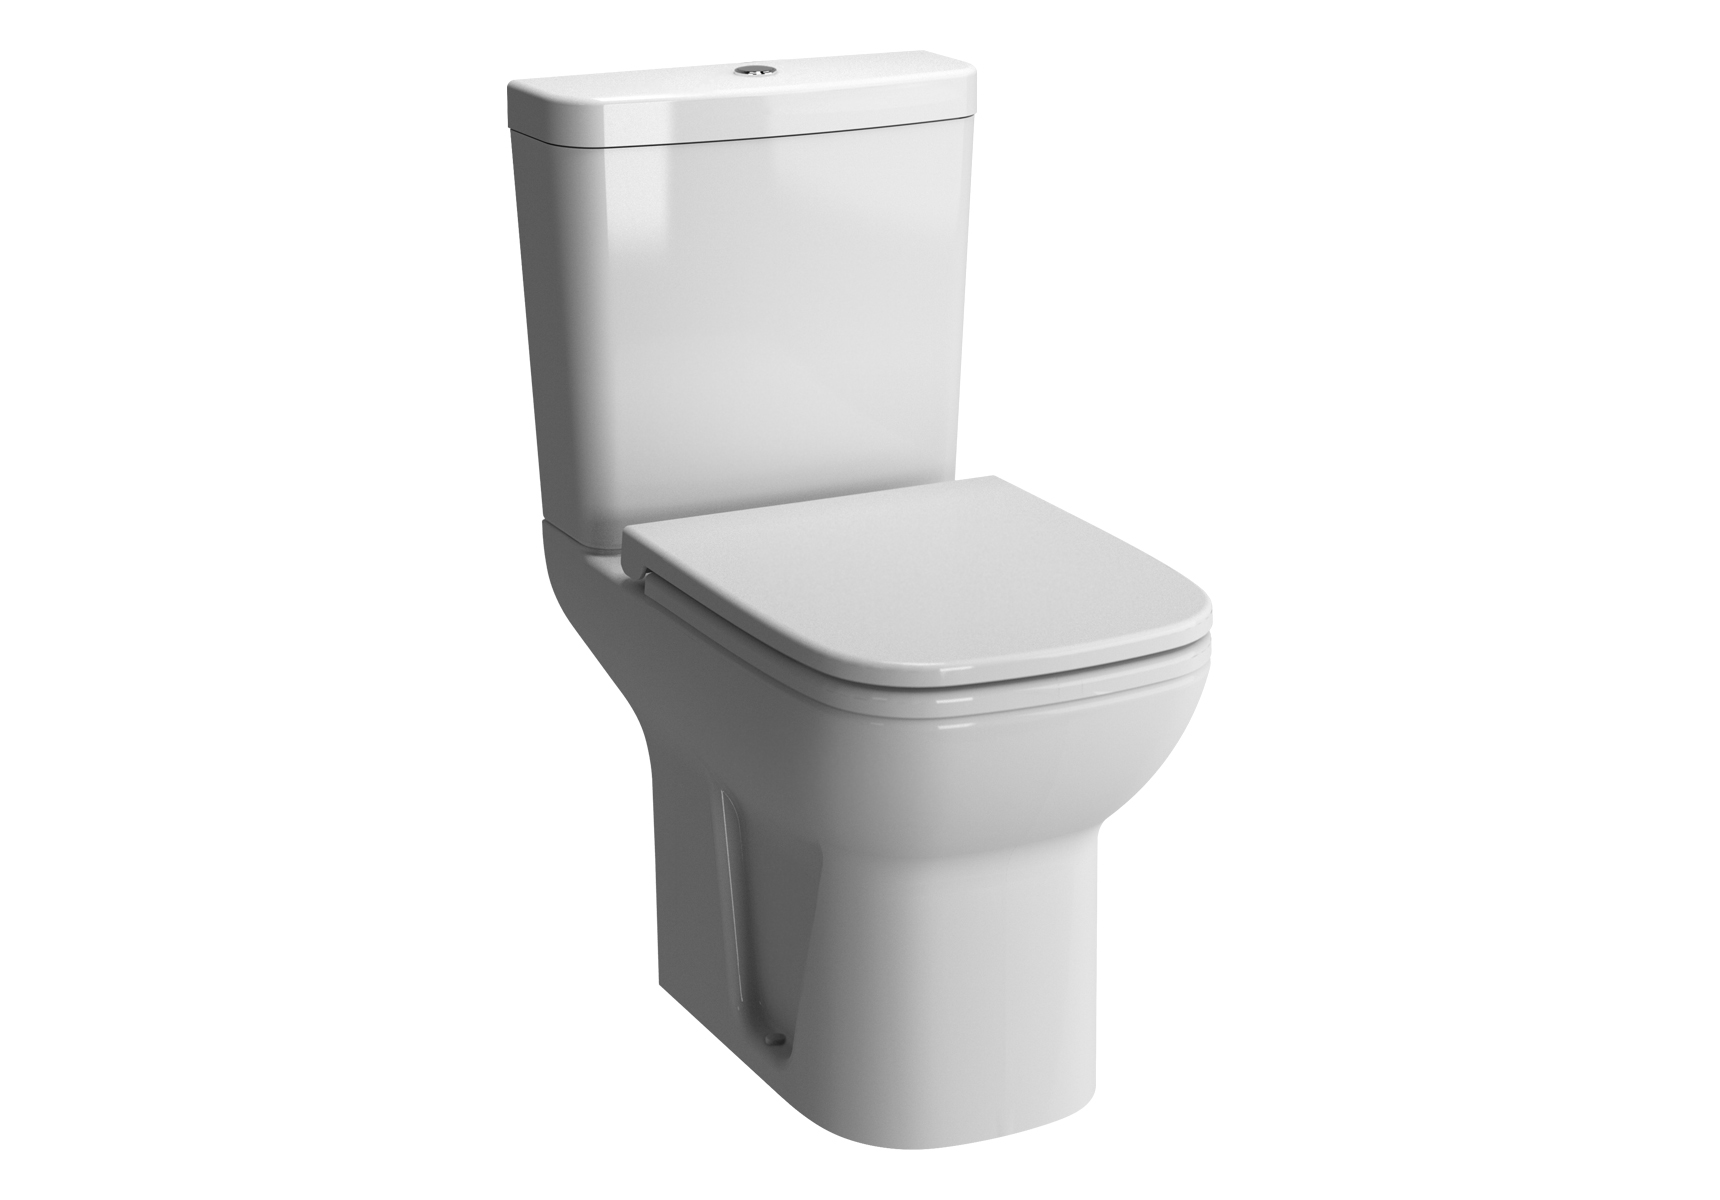 S20 WC à poser avec bride, 61,5 cm, avec 2 points d'ancrage, blanc